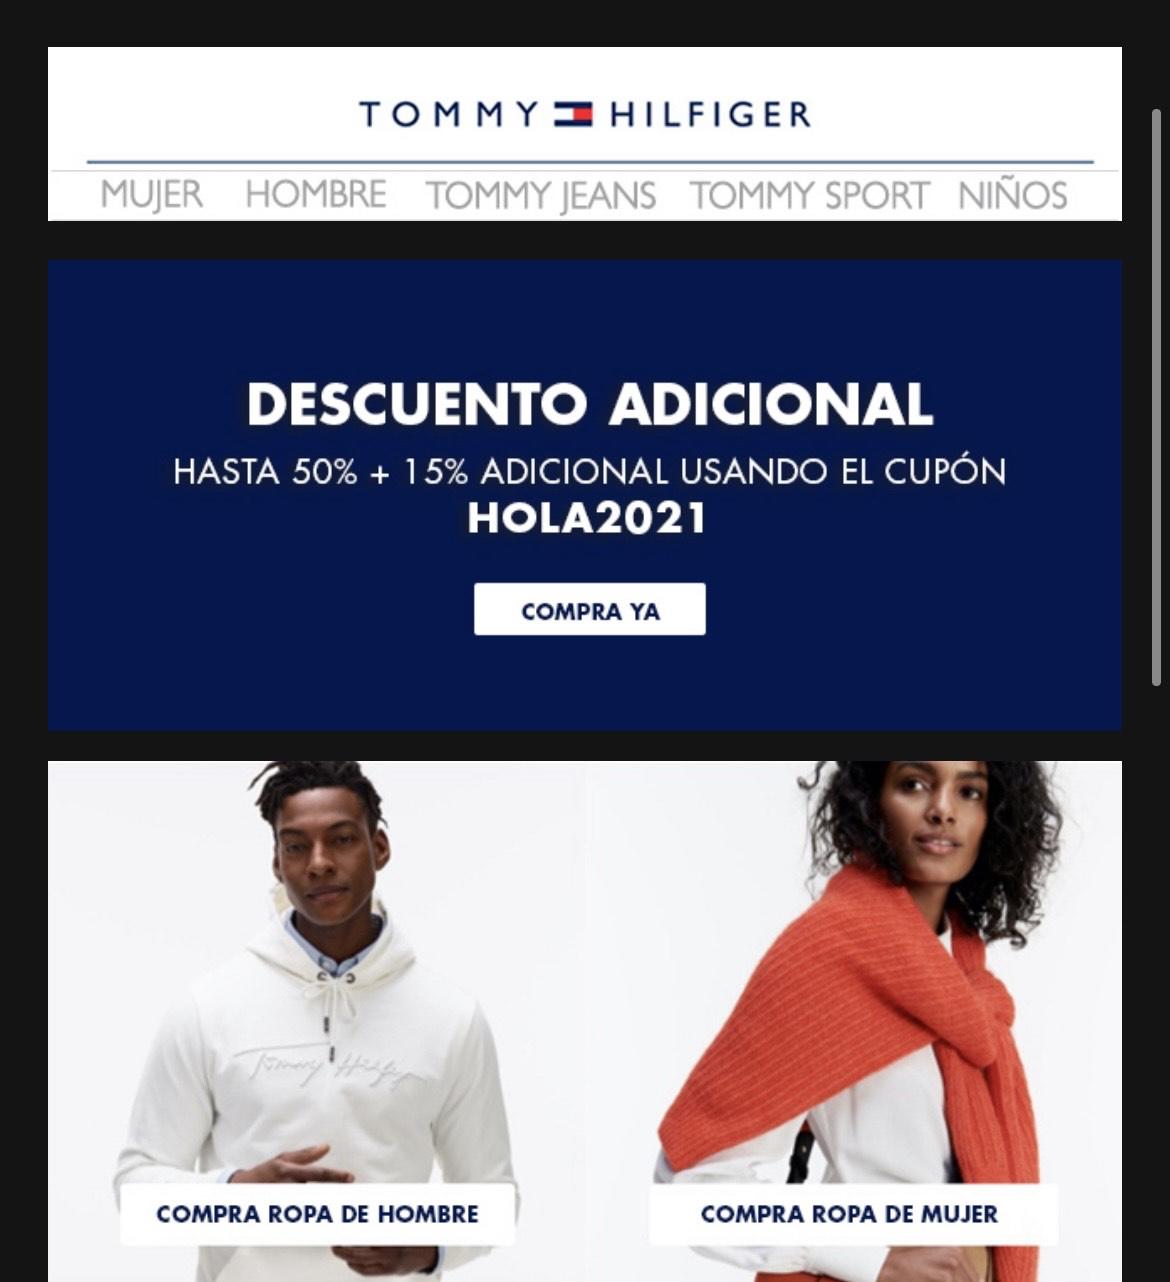 Tommy Hilfiger rebajas hasta 50% + 15% adicional con cupón